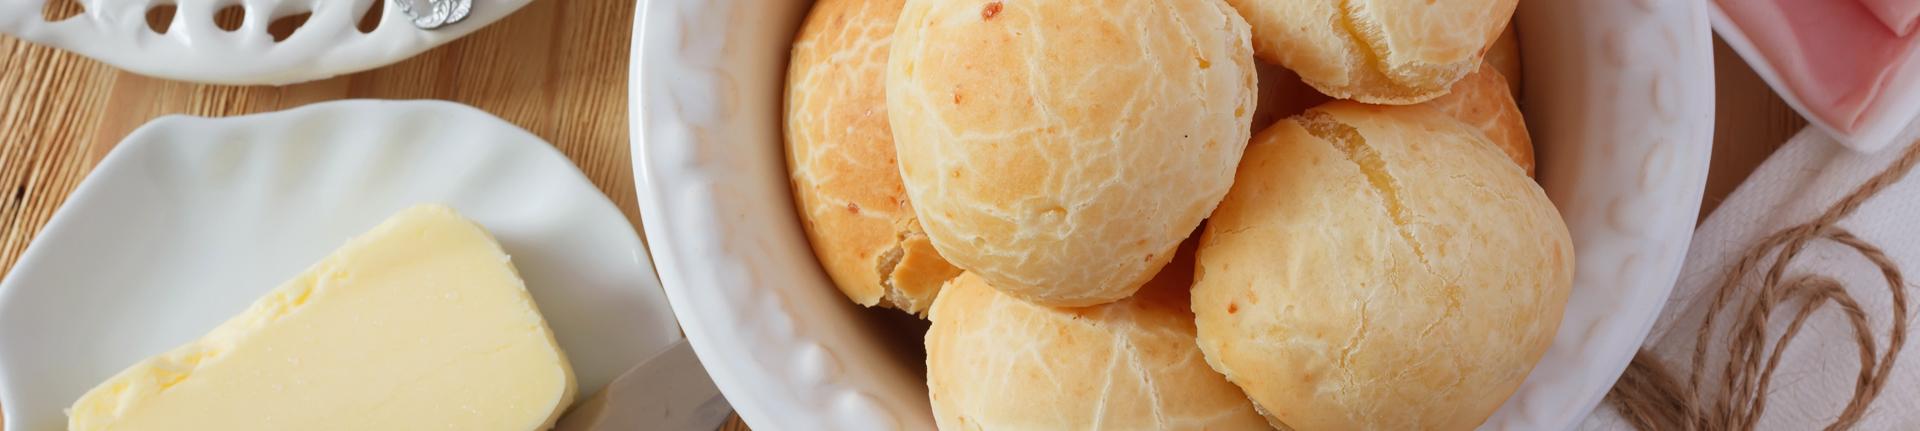 Pão de queijo sem glúten, ovo e óleo